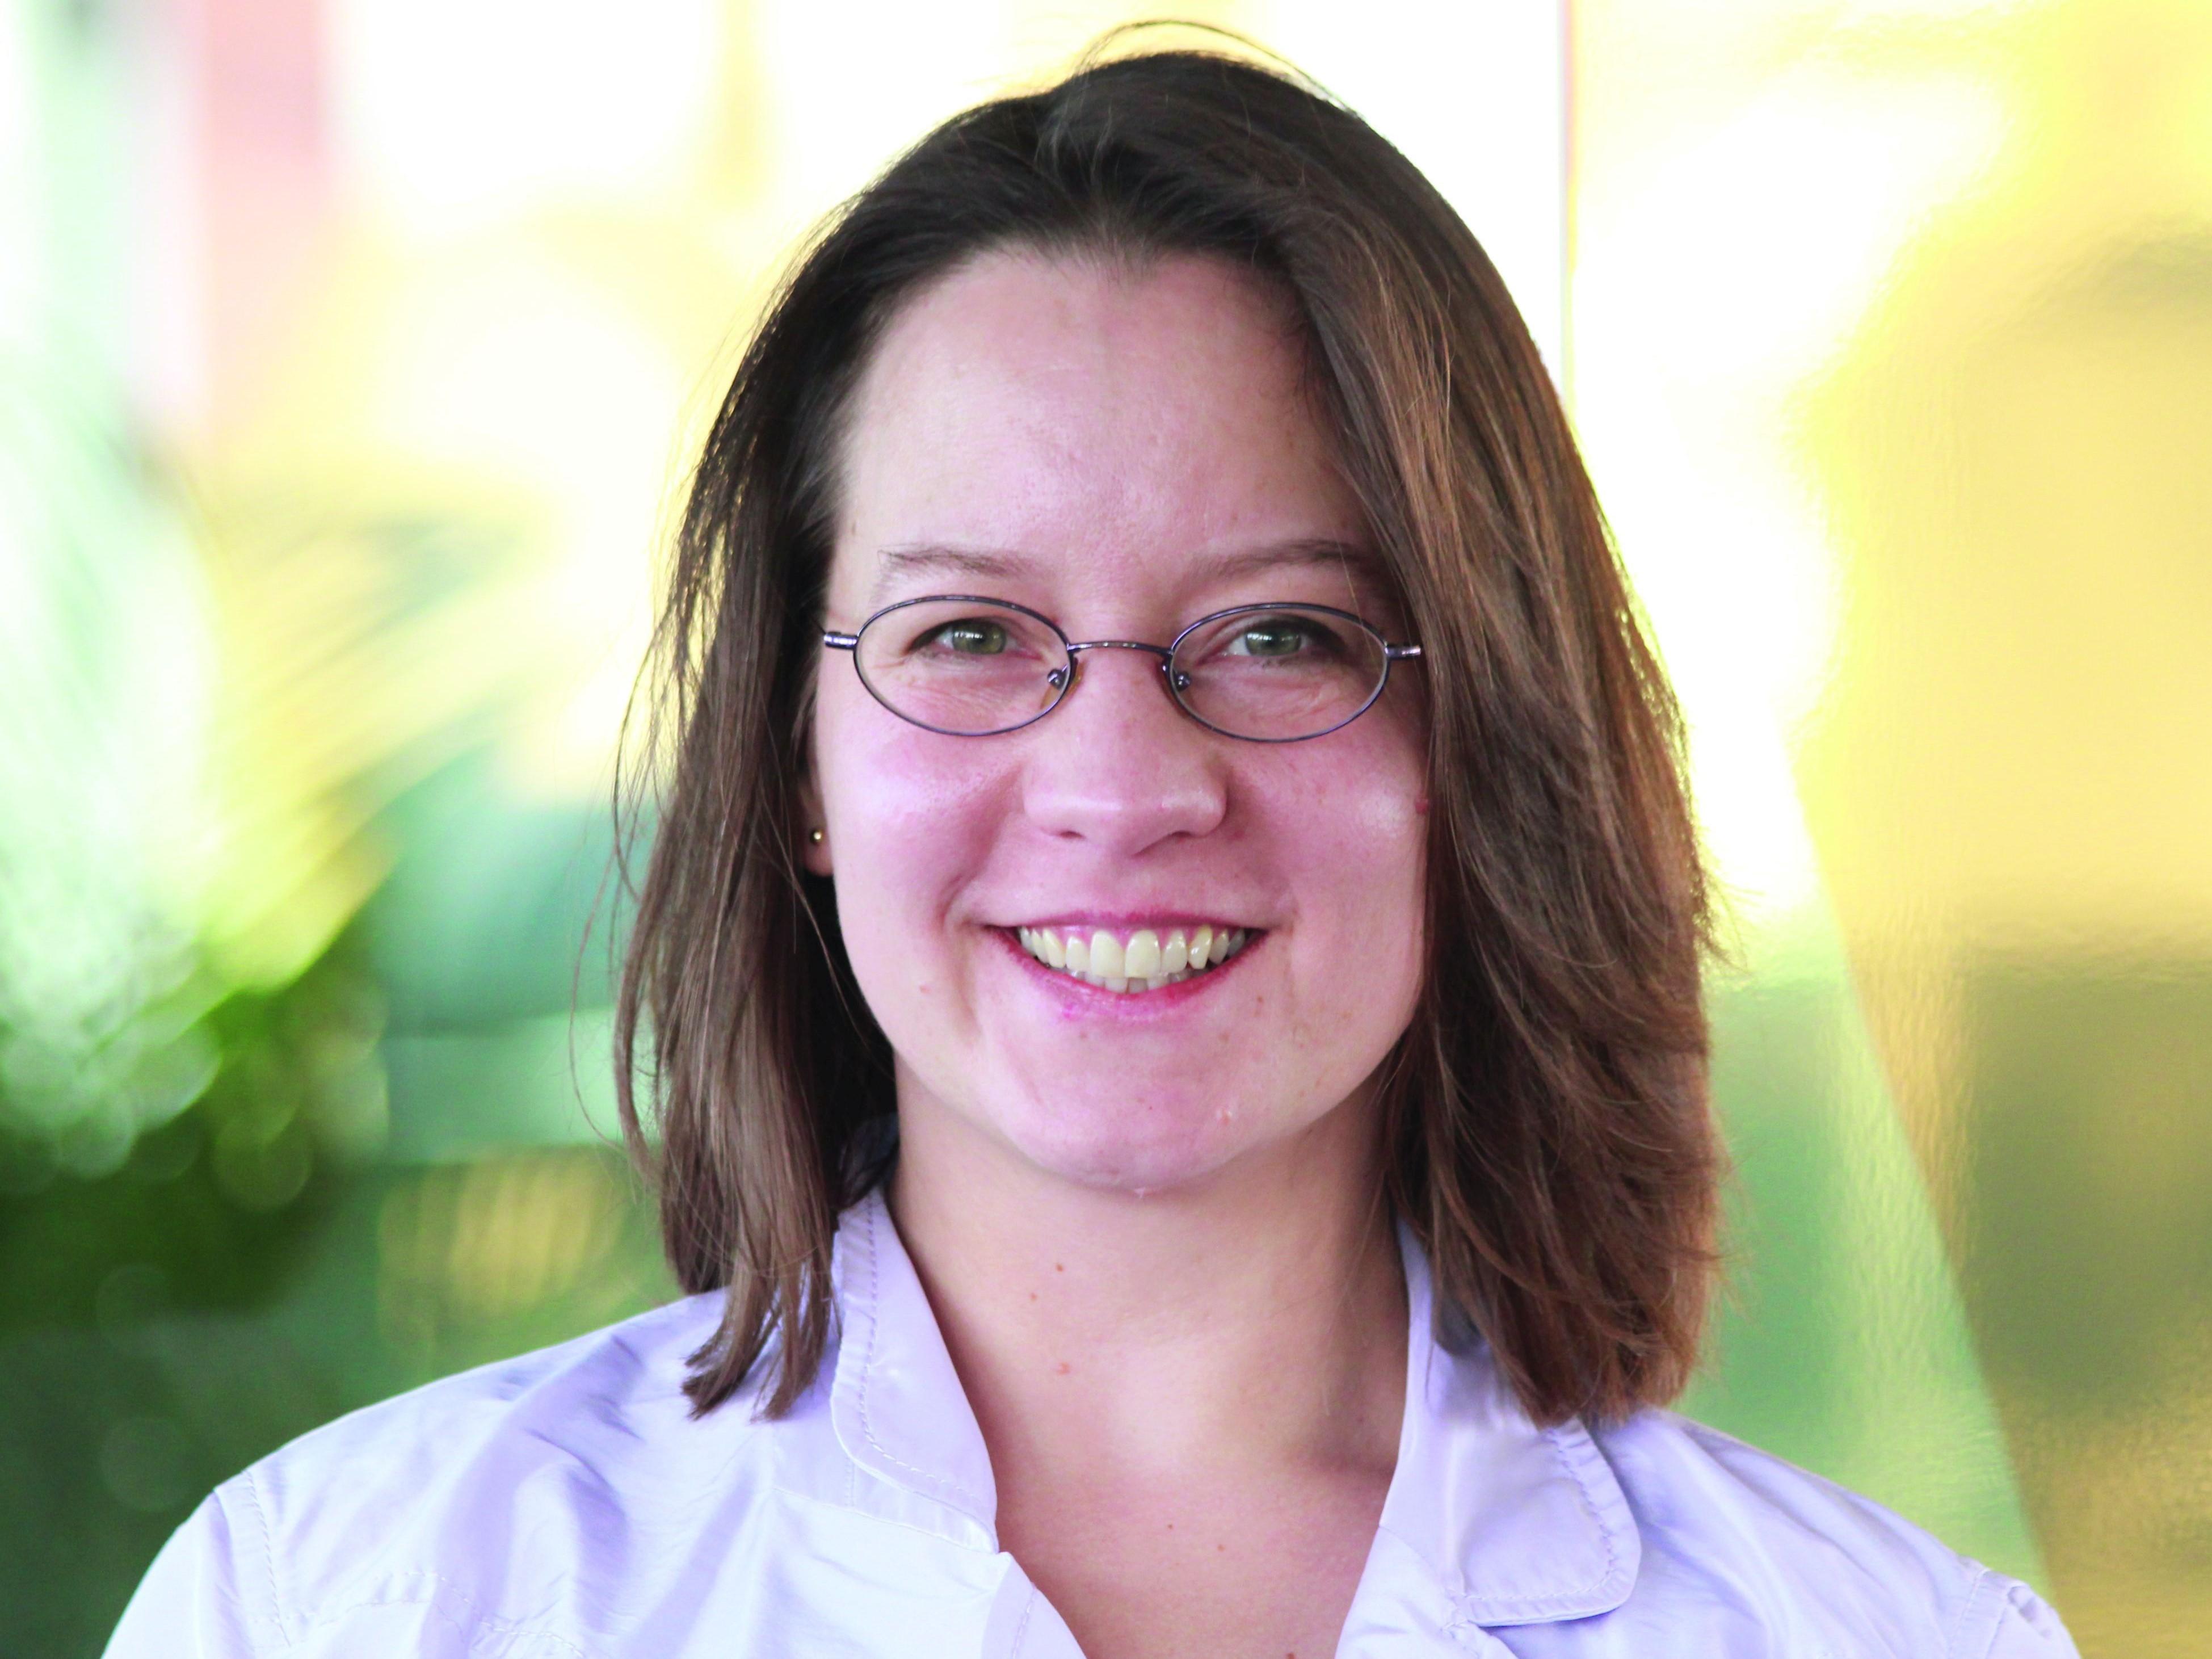 Mayrna Neudert